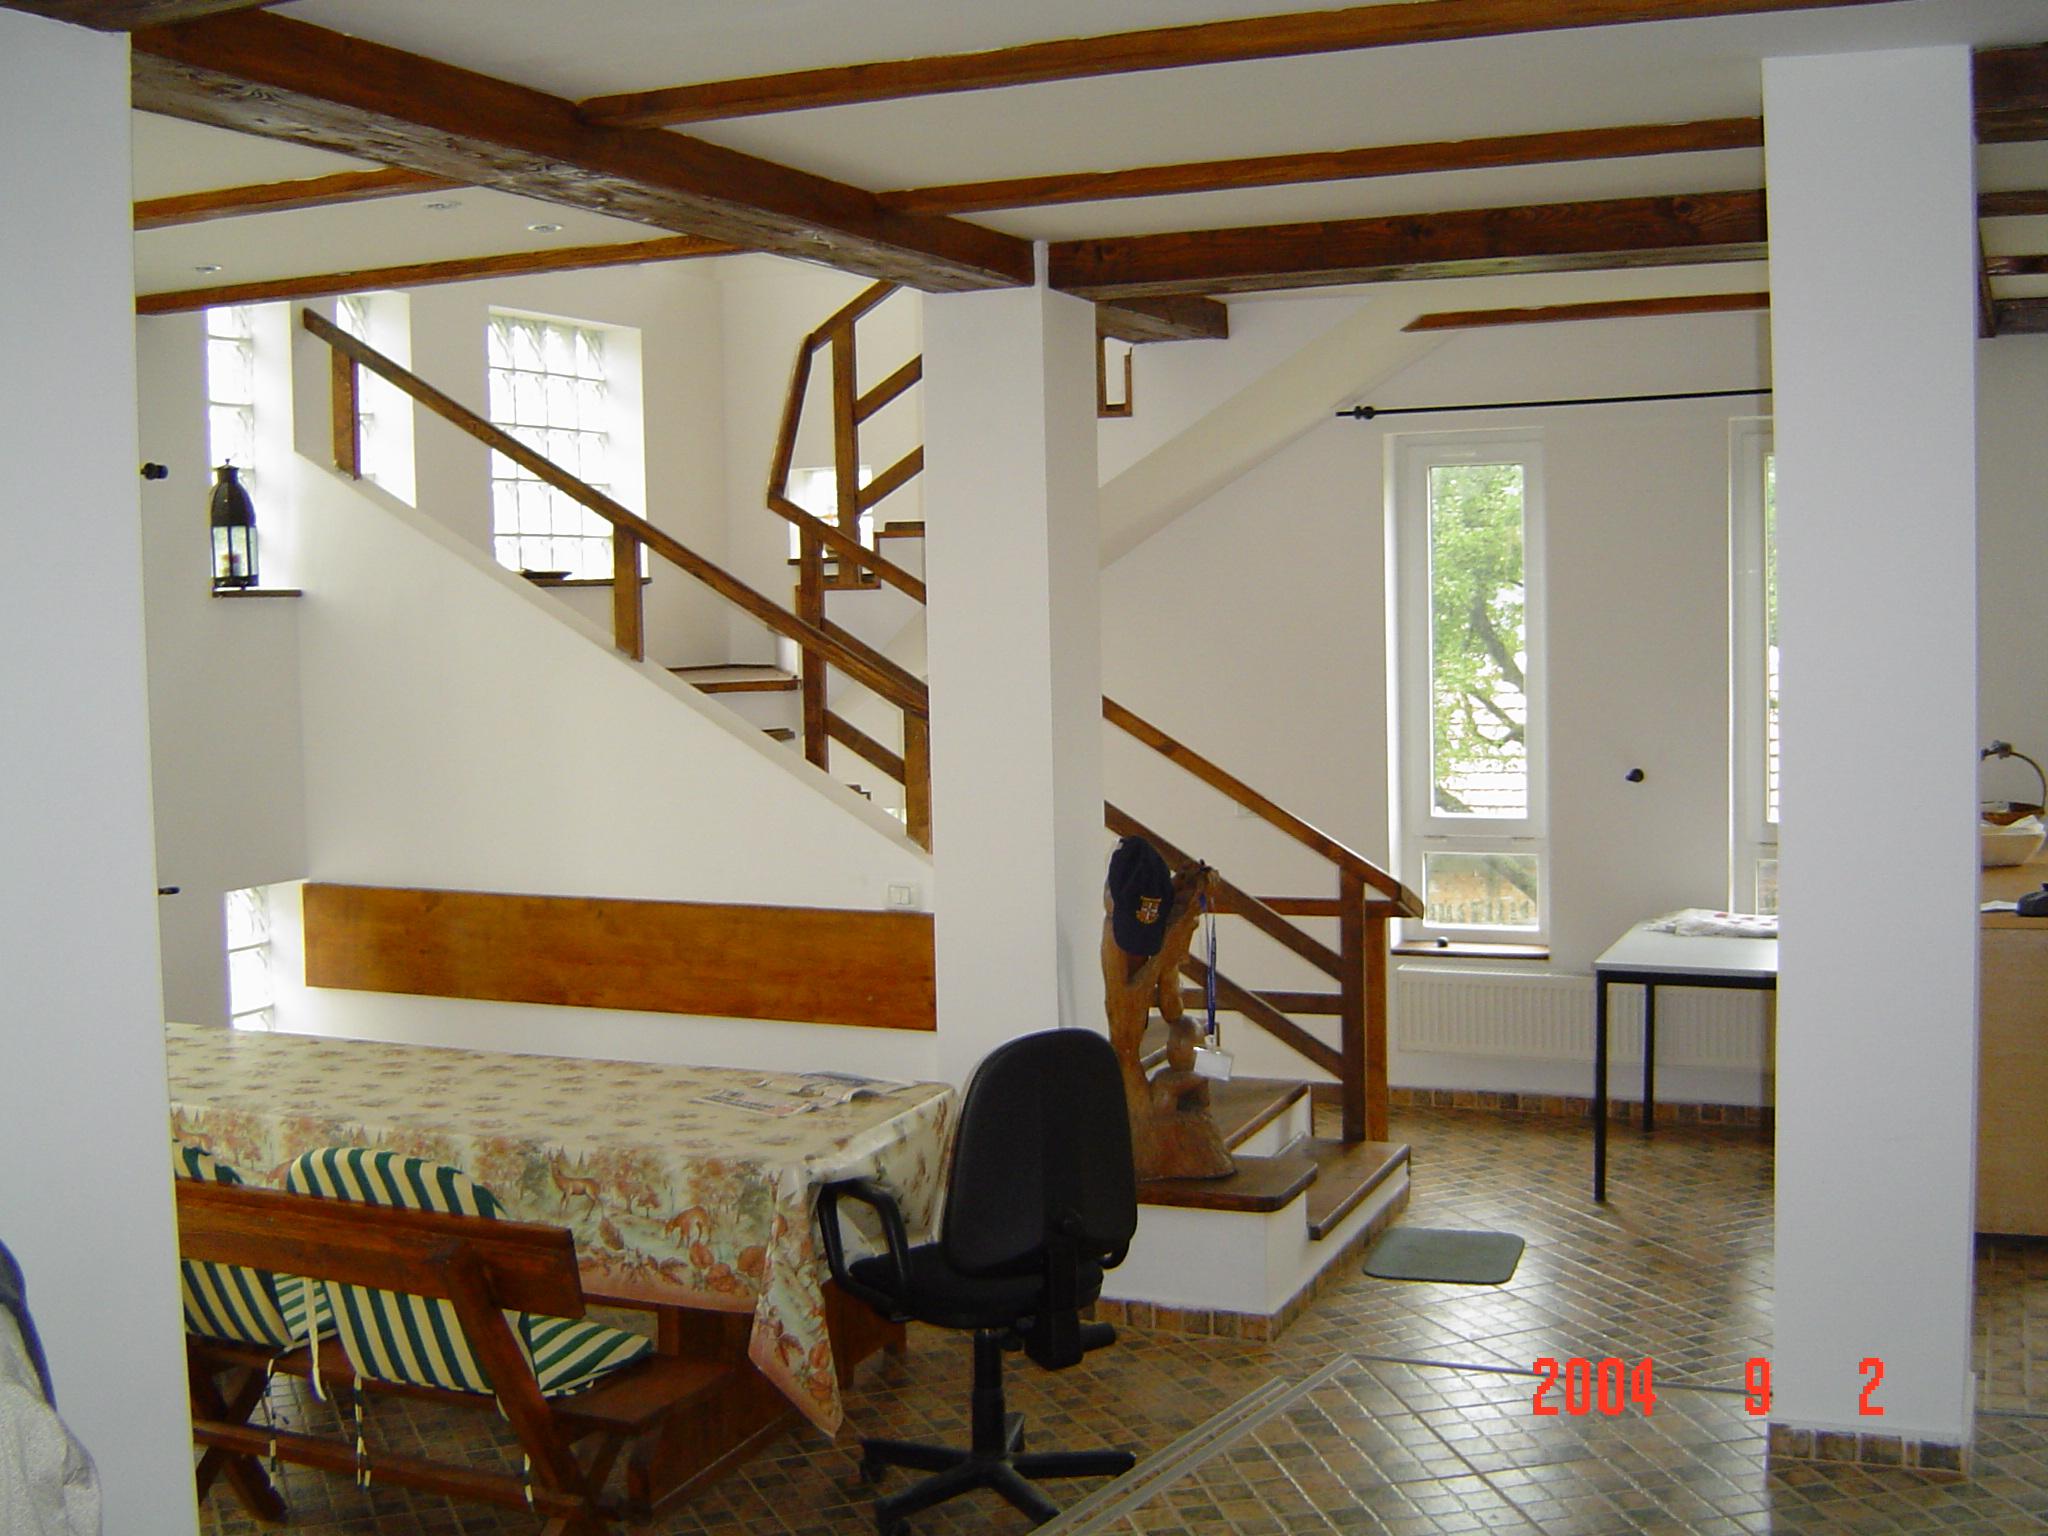 Casa de vacanta - Moeciu de Jos  - Poza 1